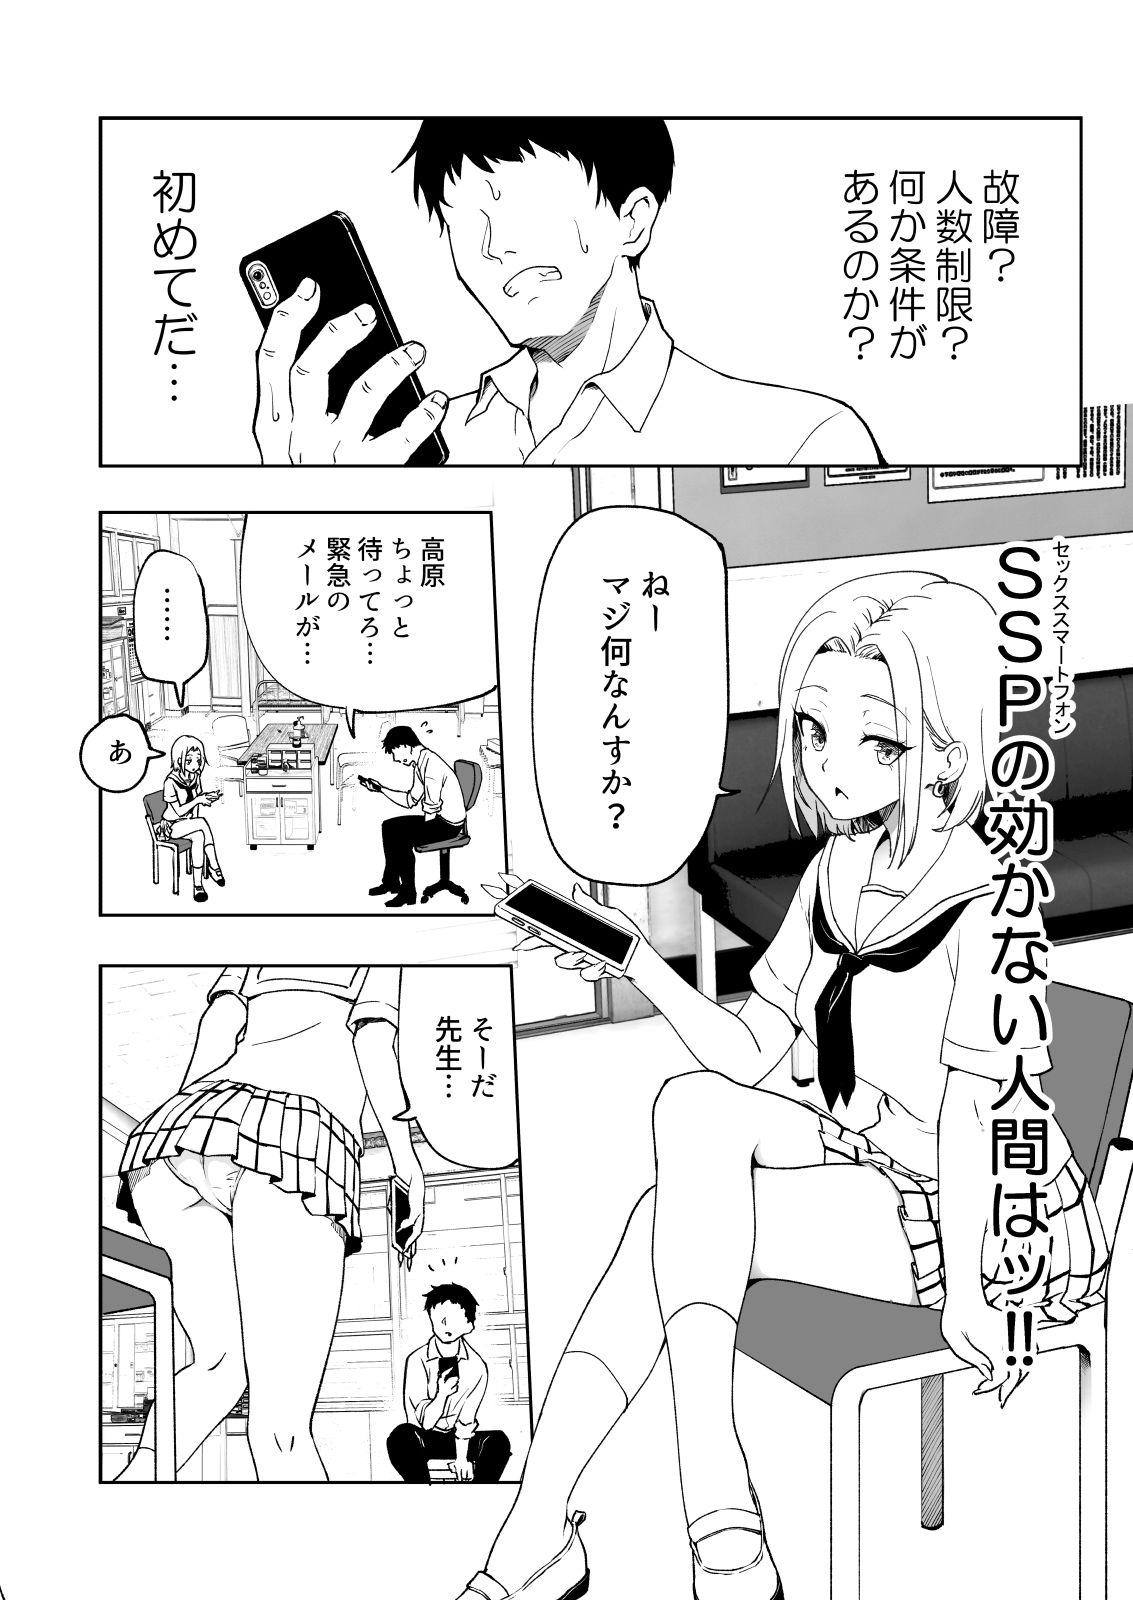 【かみか堂 同人】セックススマートフォン~ハーレム学園編6~